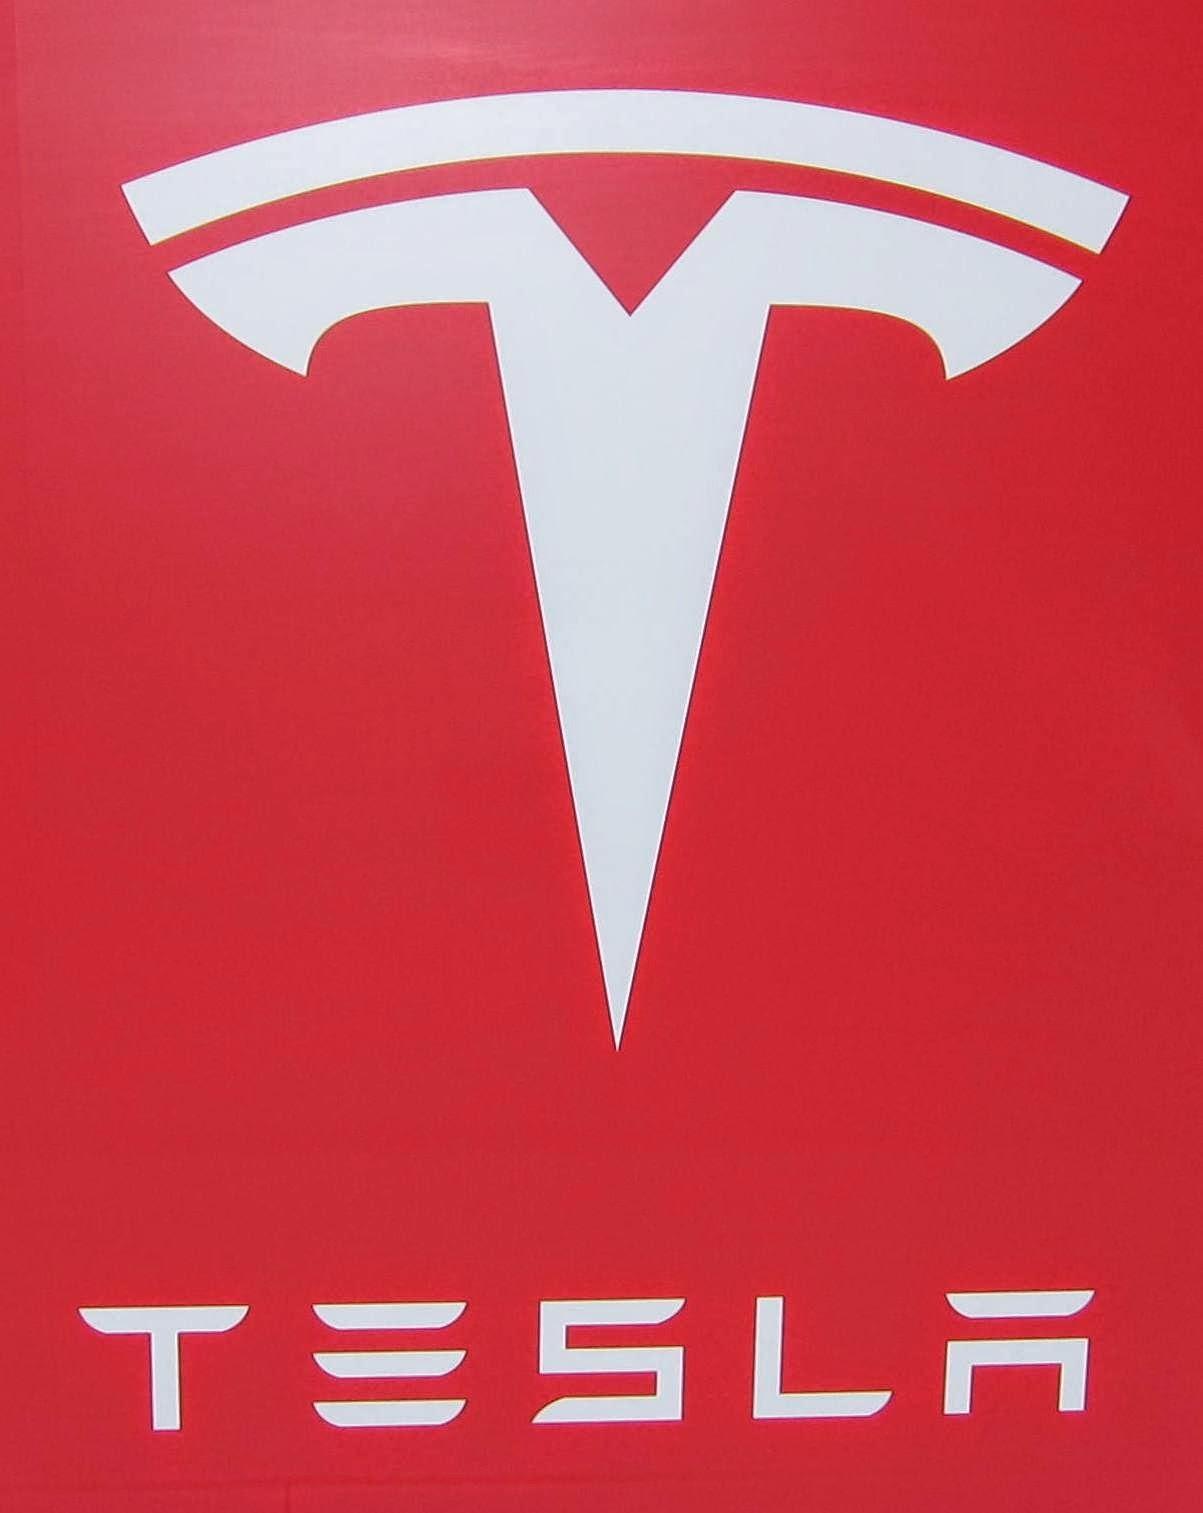 Компания Tesla на каждом автомобиле теряет 4000 долларов